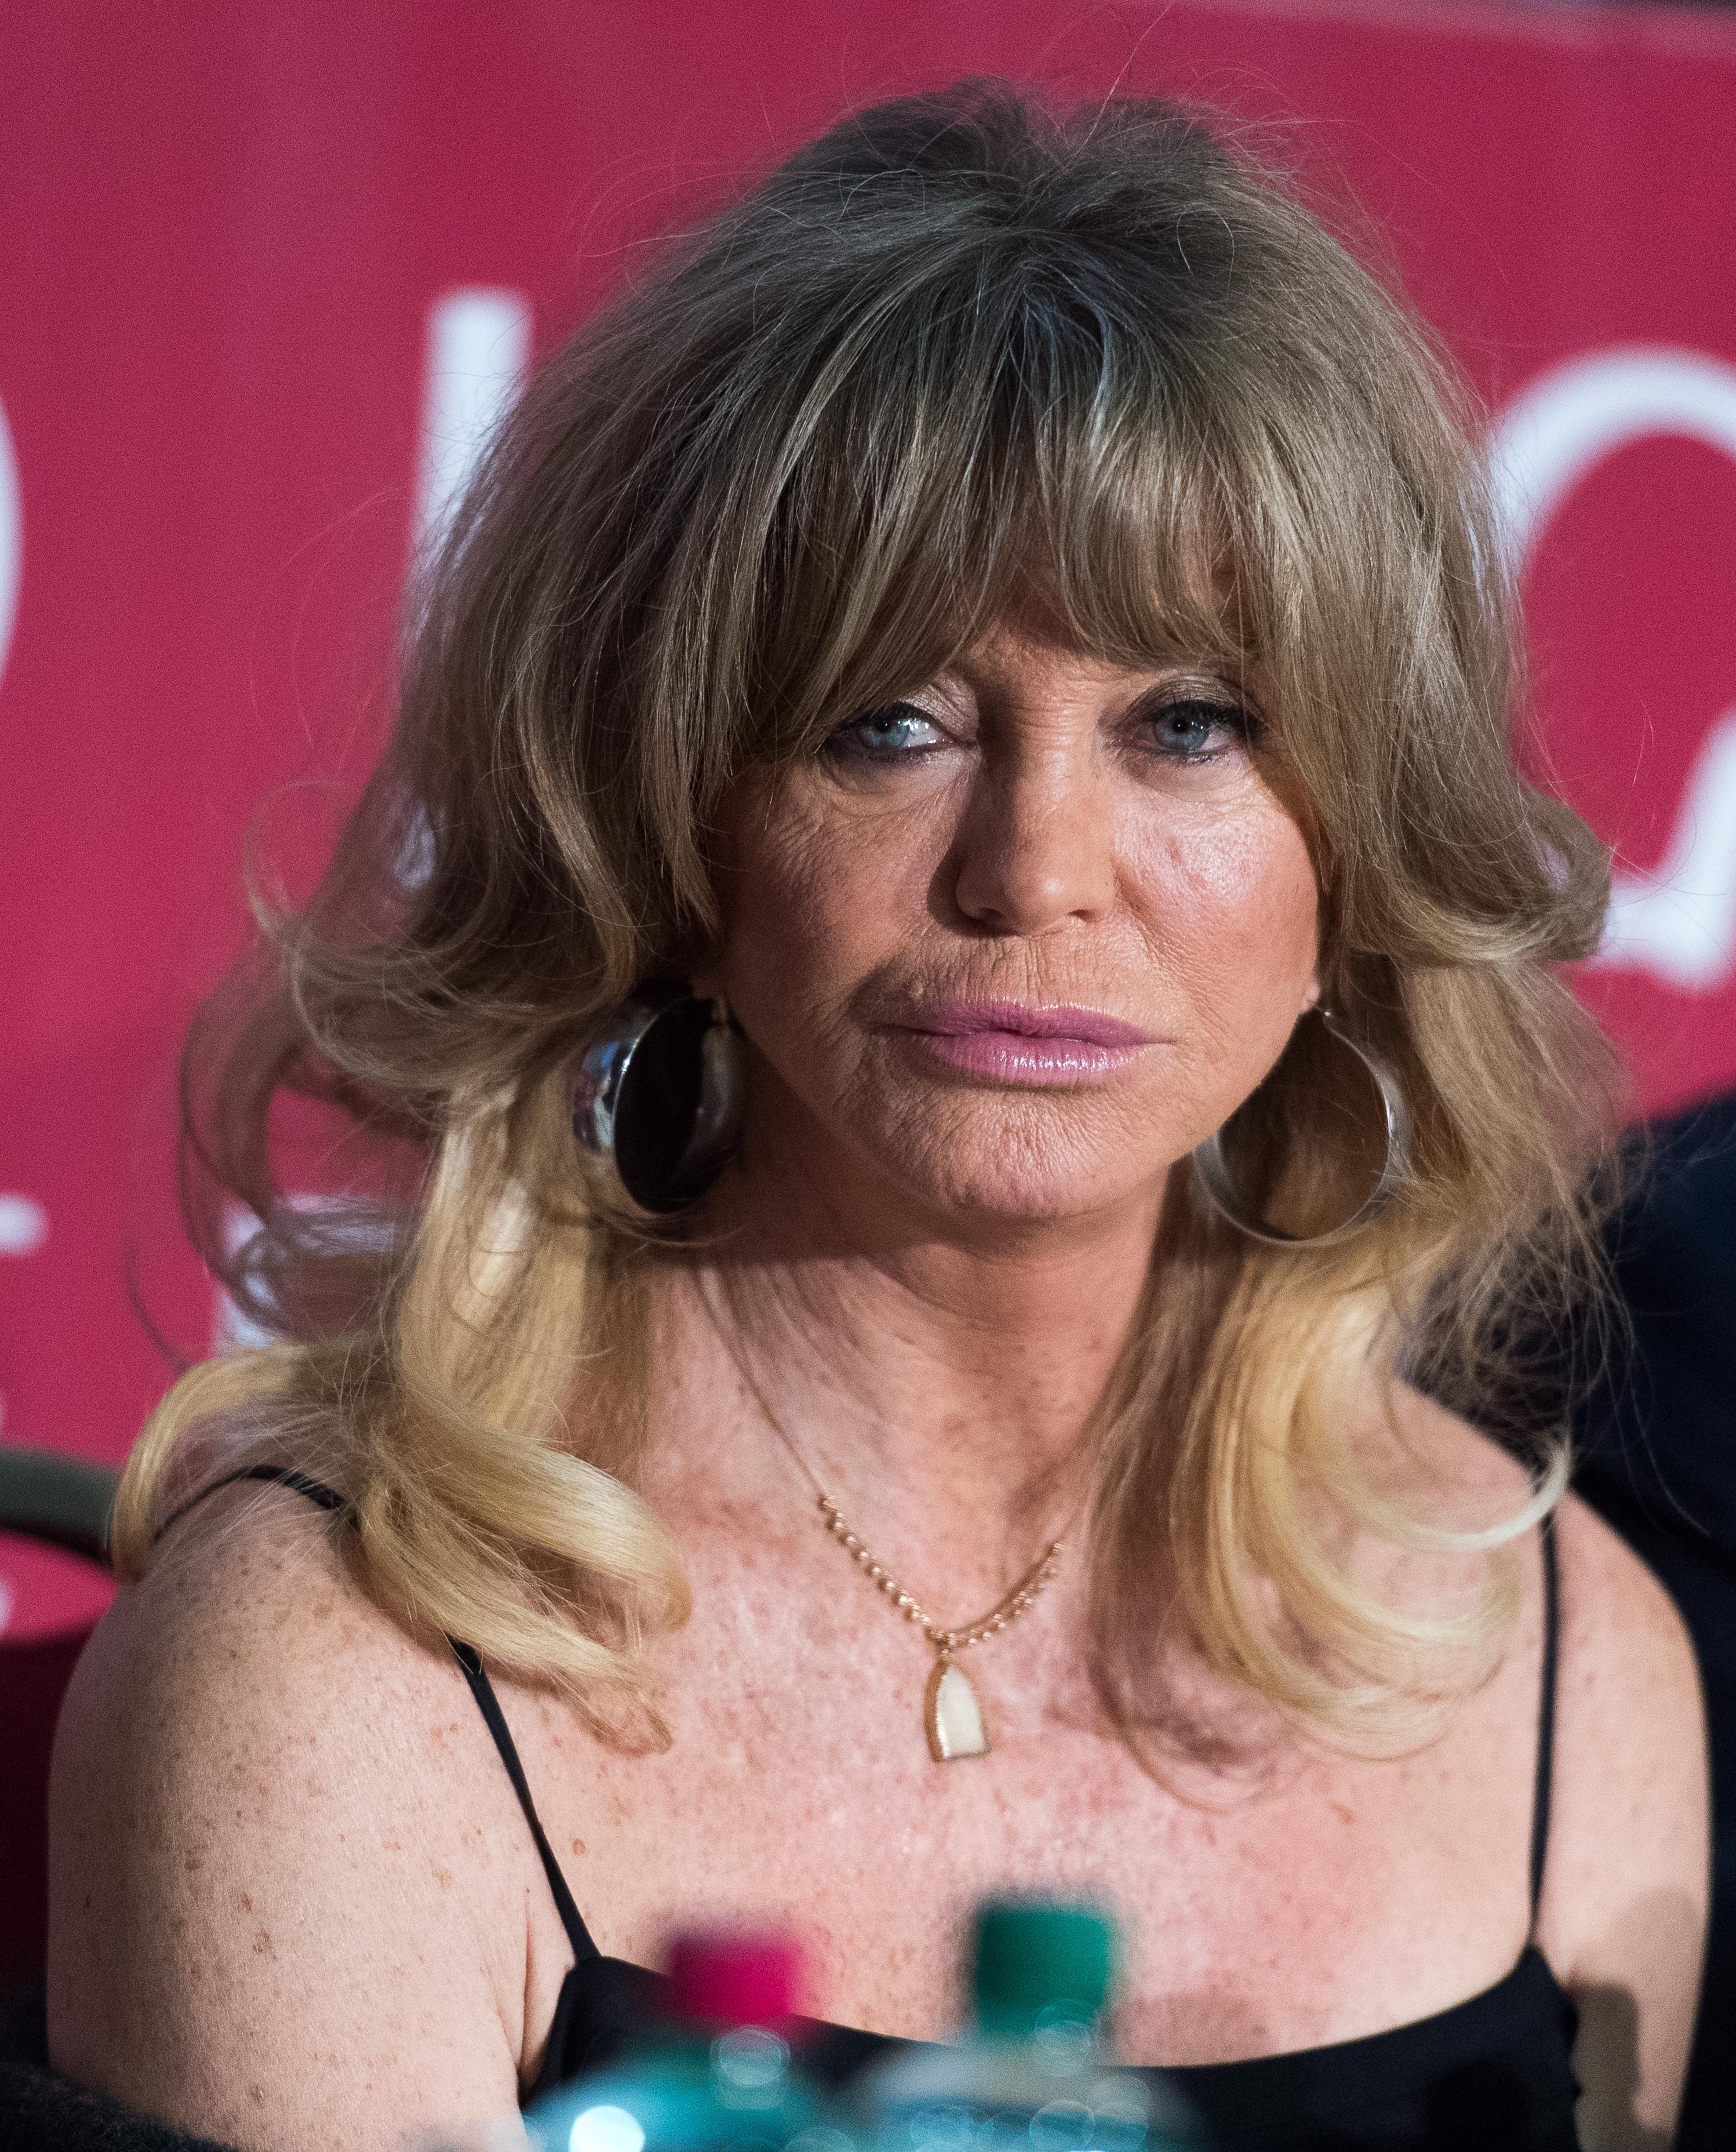 Goldie Hawn Goldie Hawn new images